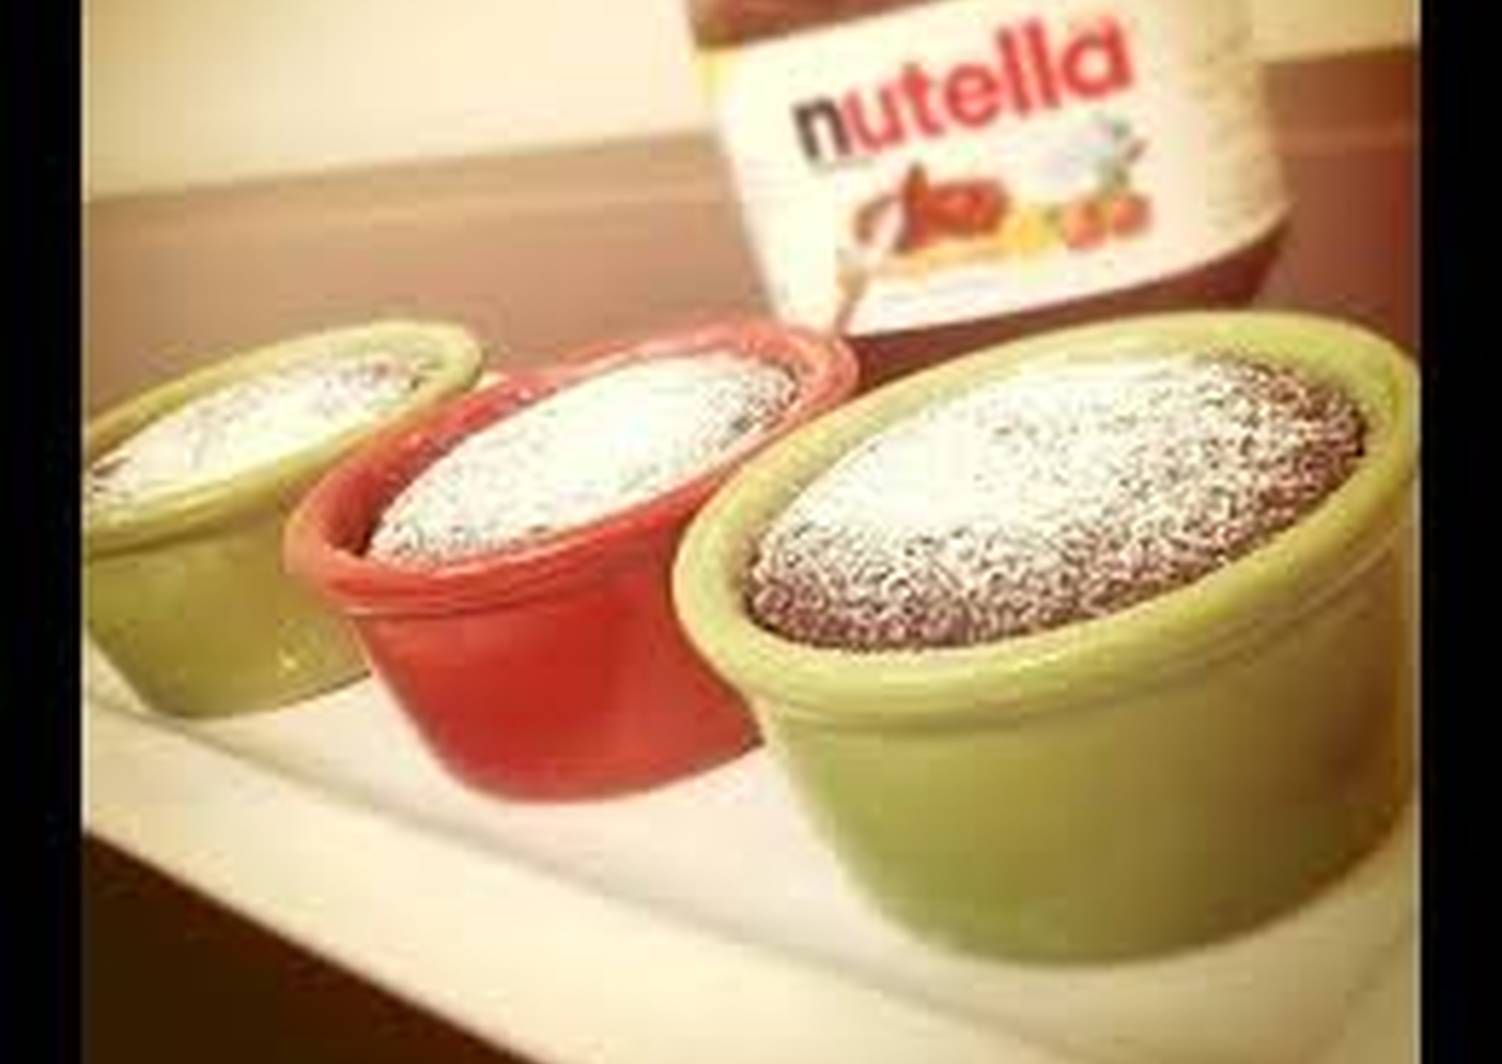 سوفليه النوتيلا بالصور من Rehab Recipe Arabic Food Food Nutella